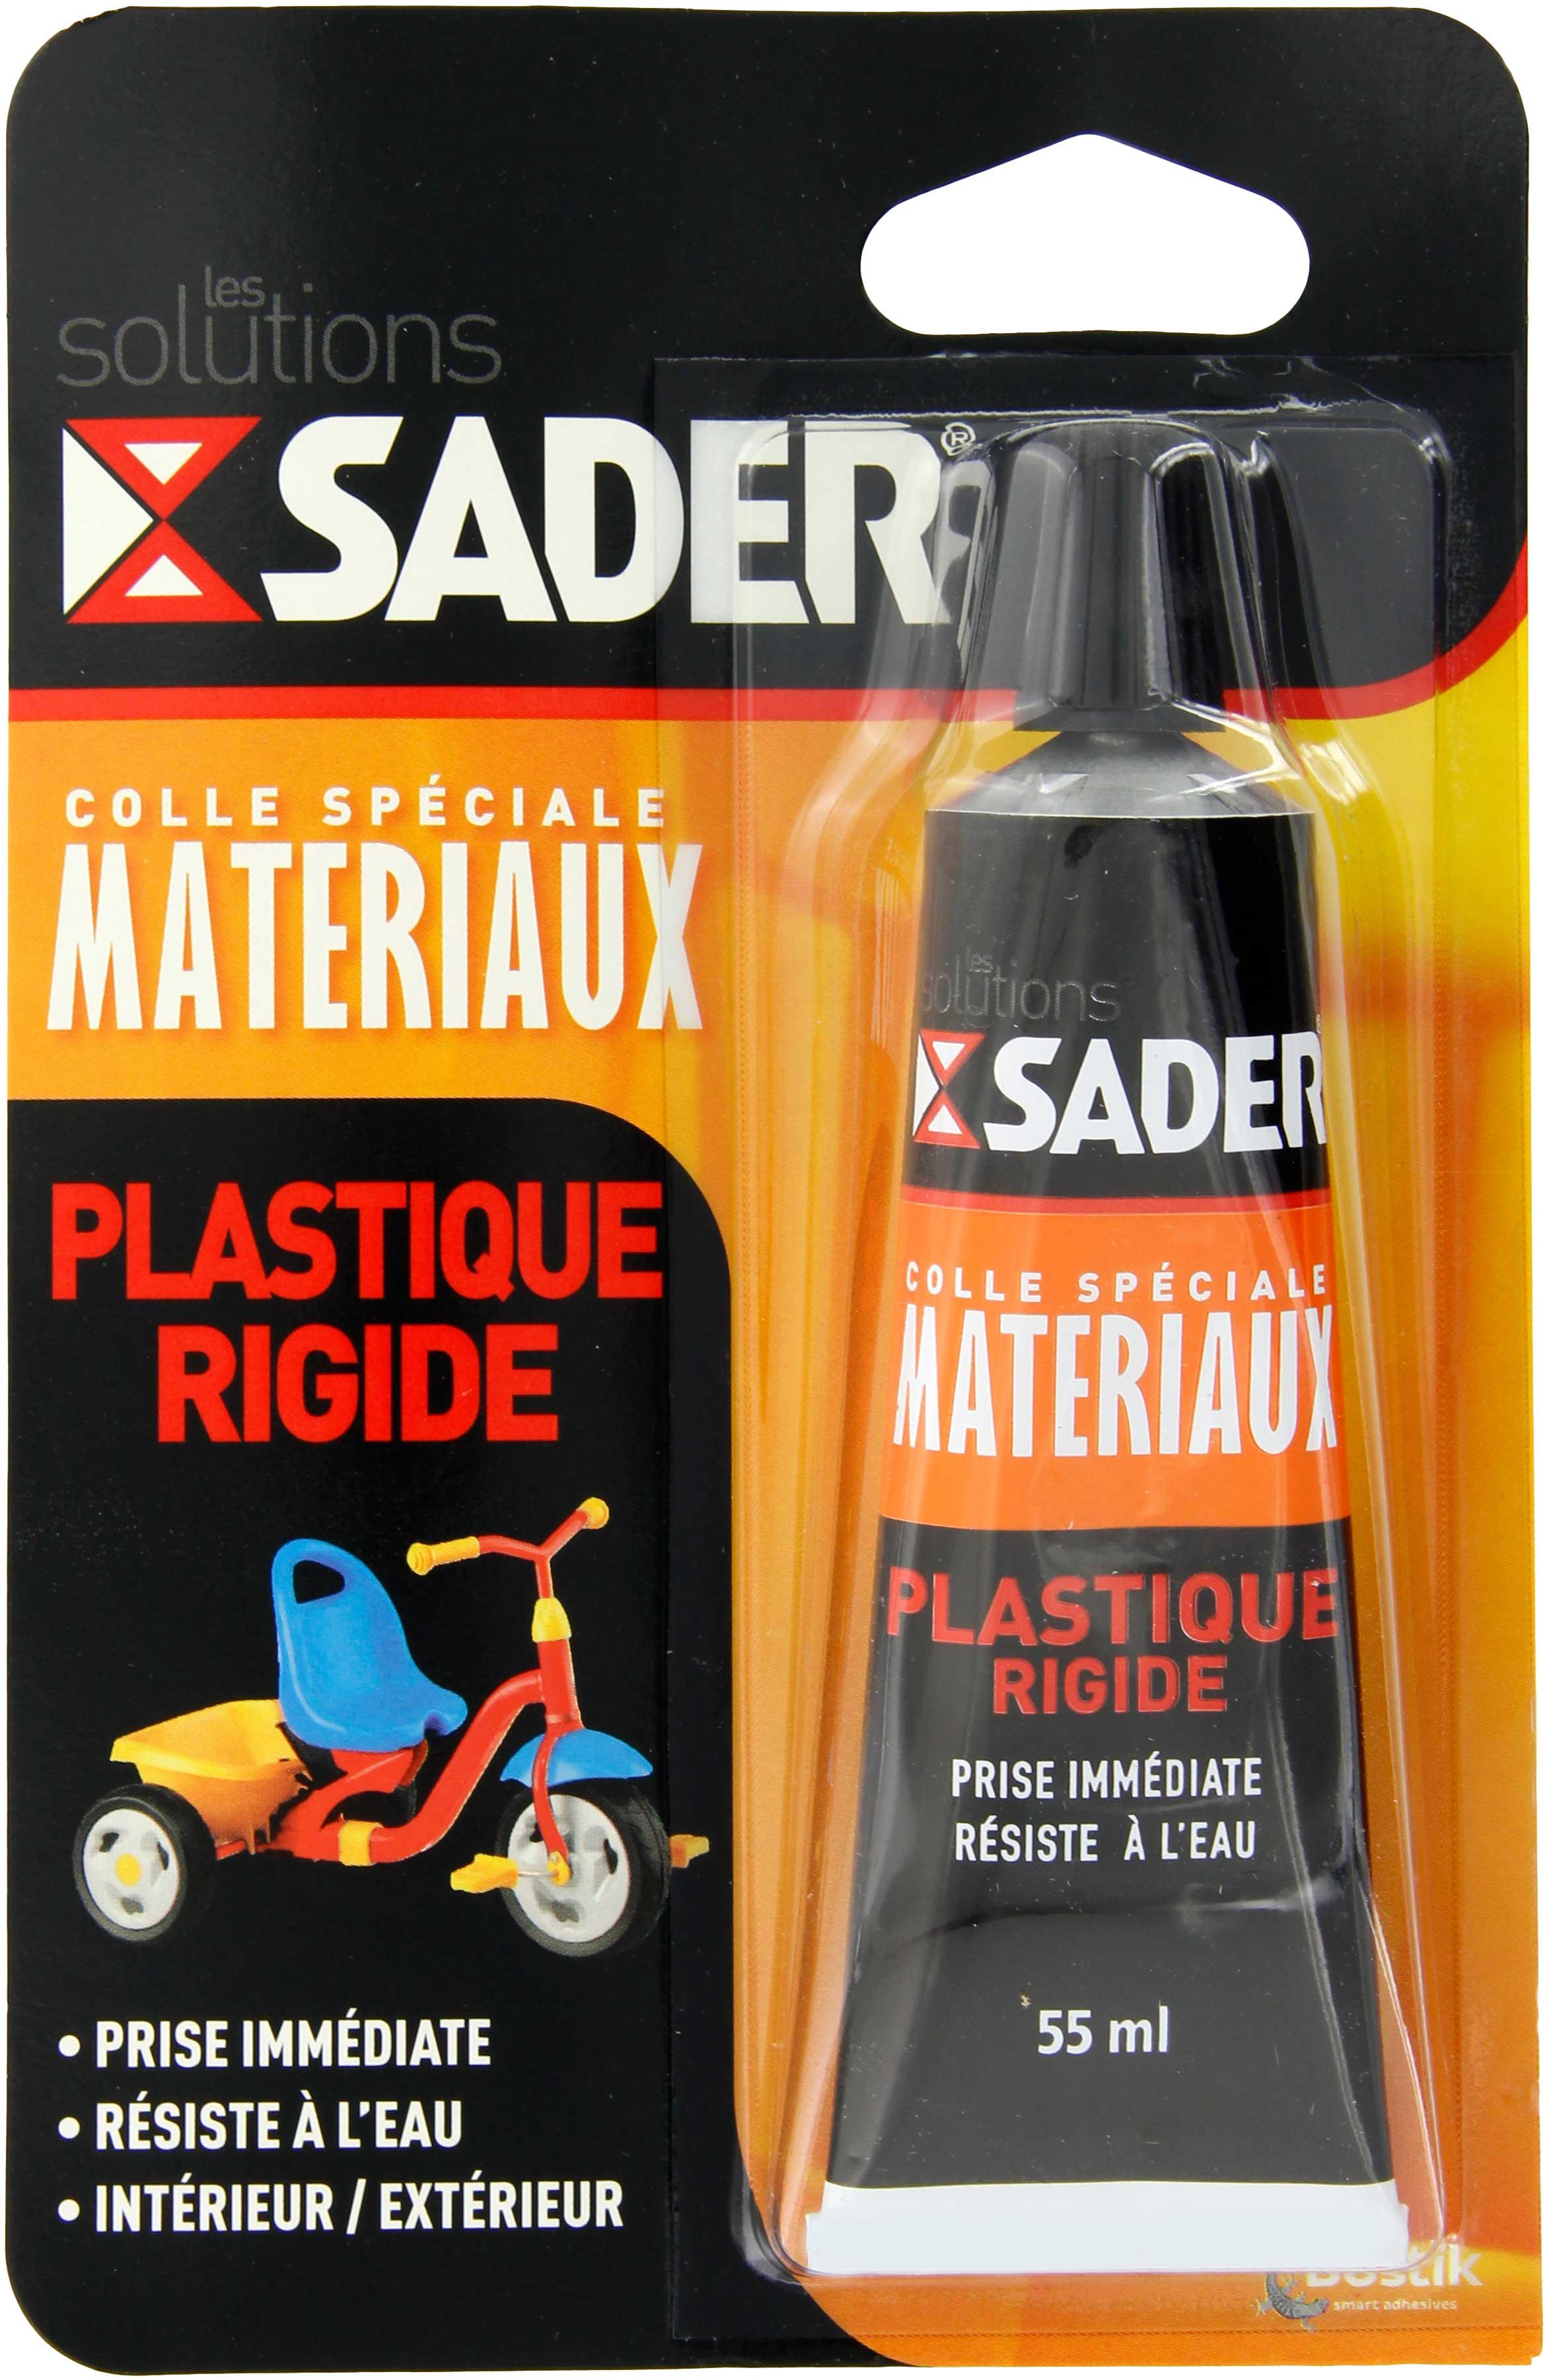 colle plastique rigide sader tube 55 ml de colle plastique rigide 1064731 mon magasin g n ral. Black Bedroom Furniture Sets. Home Design Ideas